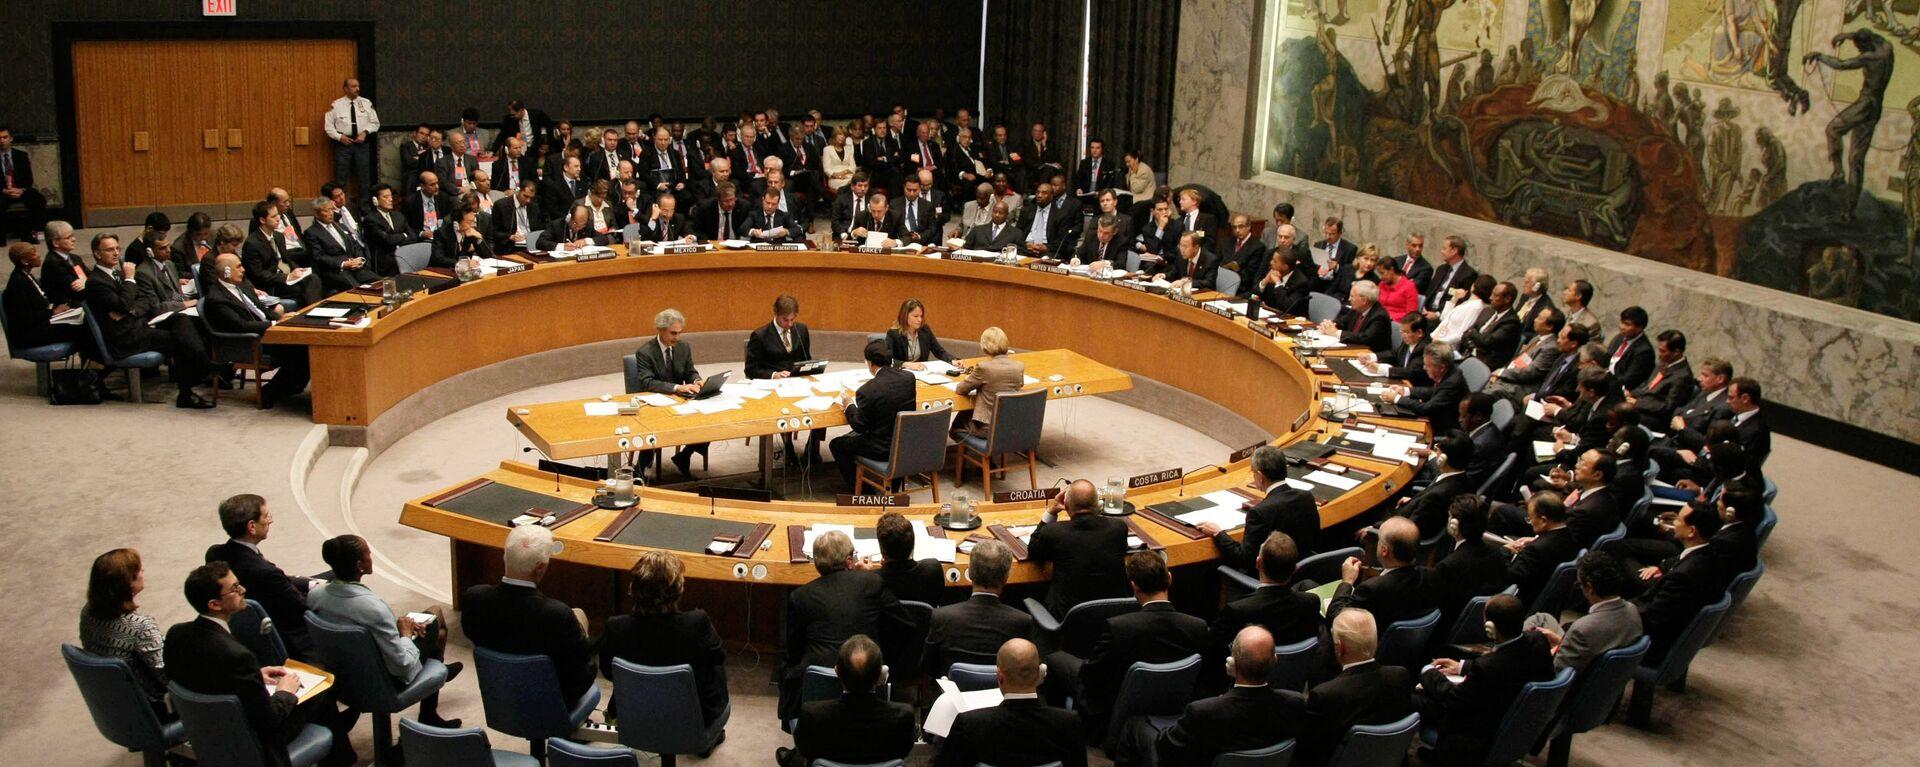 Συνεδρίαση του Συμβουλίου Ασφαλείας του ΟΗΕ.   - Sputnik Ελλάδα, 1920, 30.08.2021